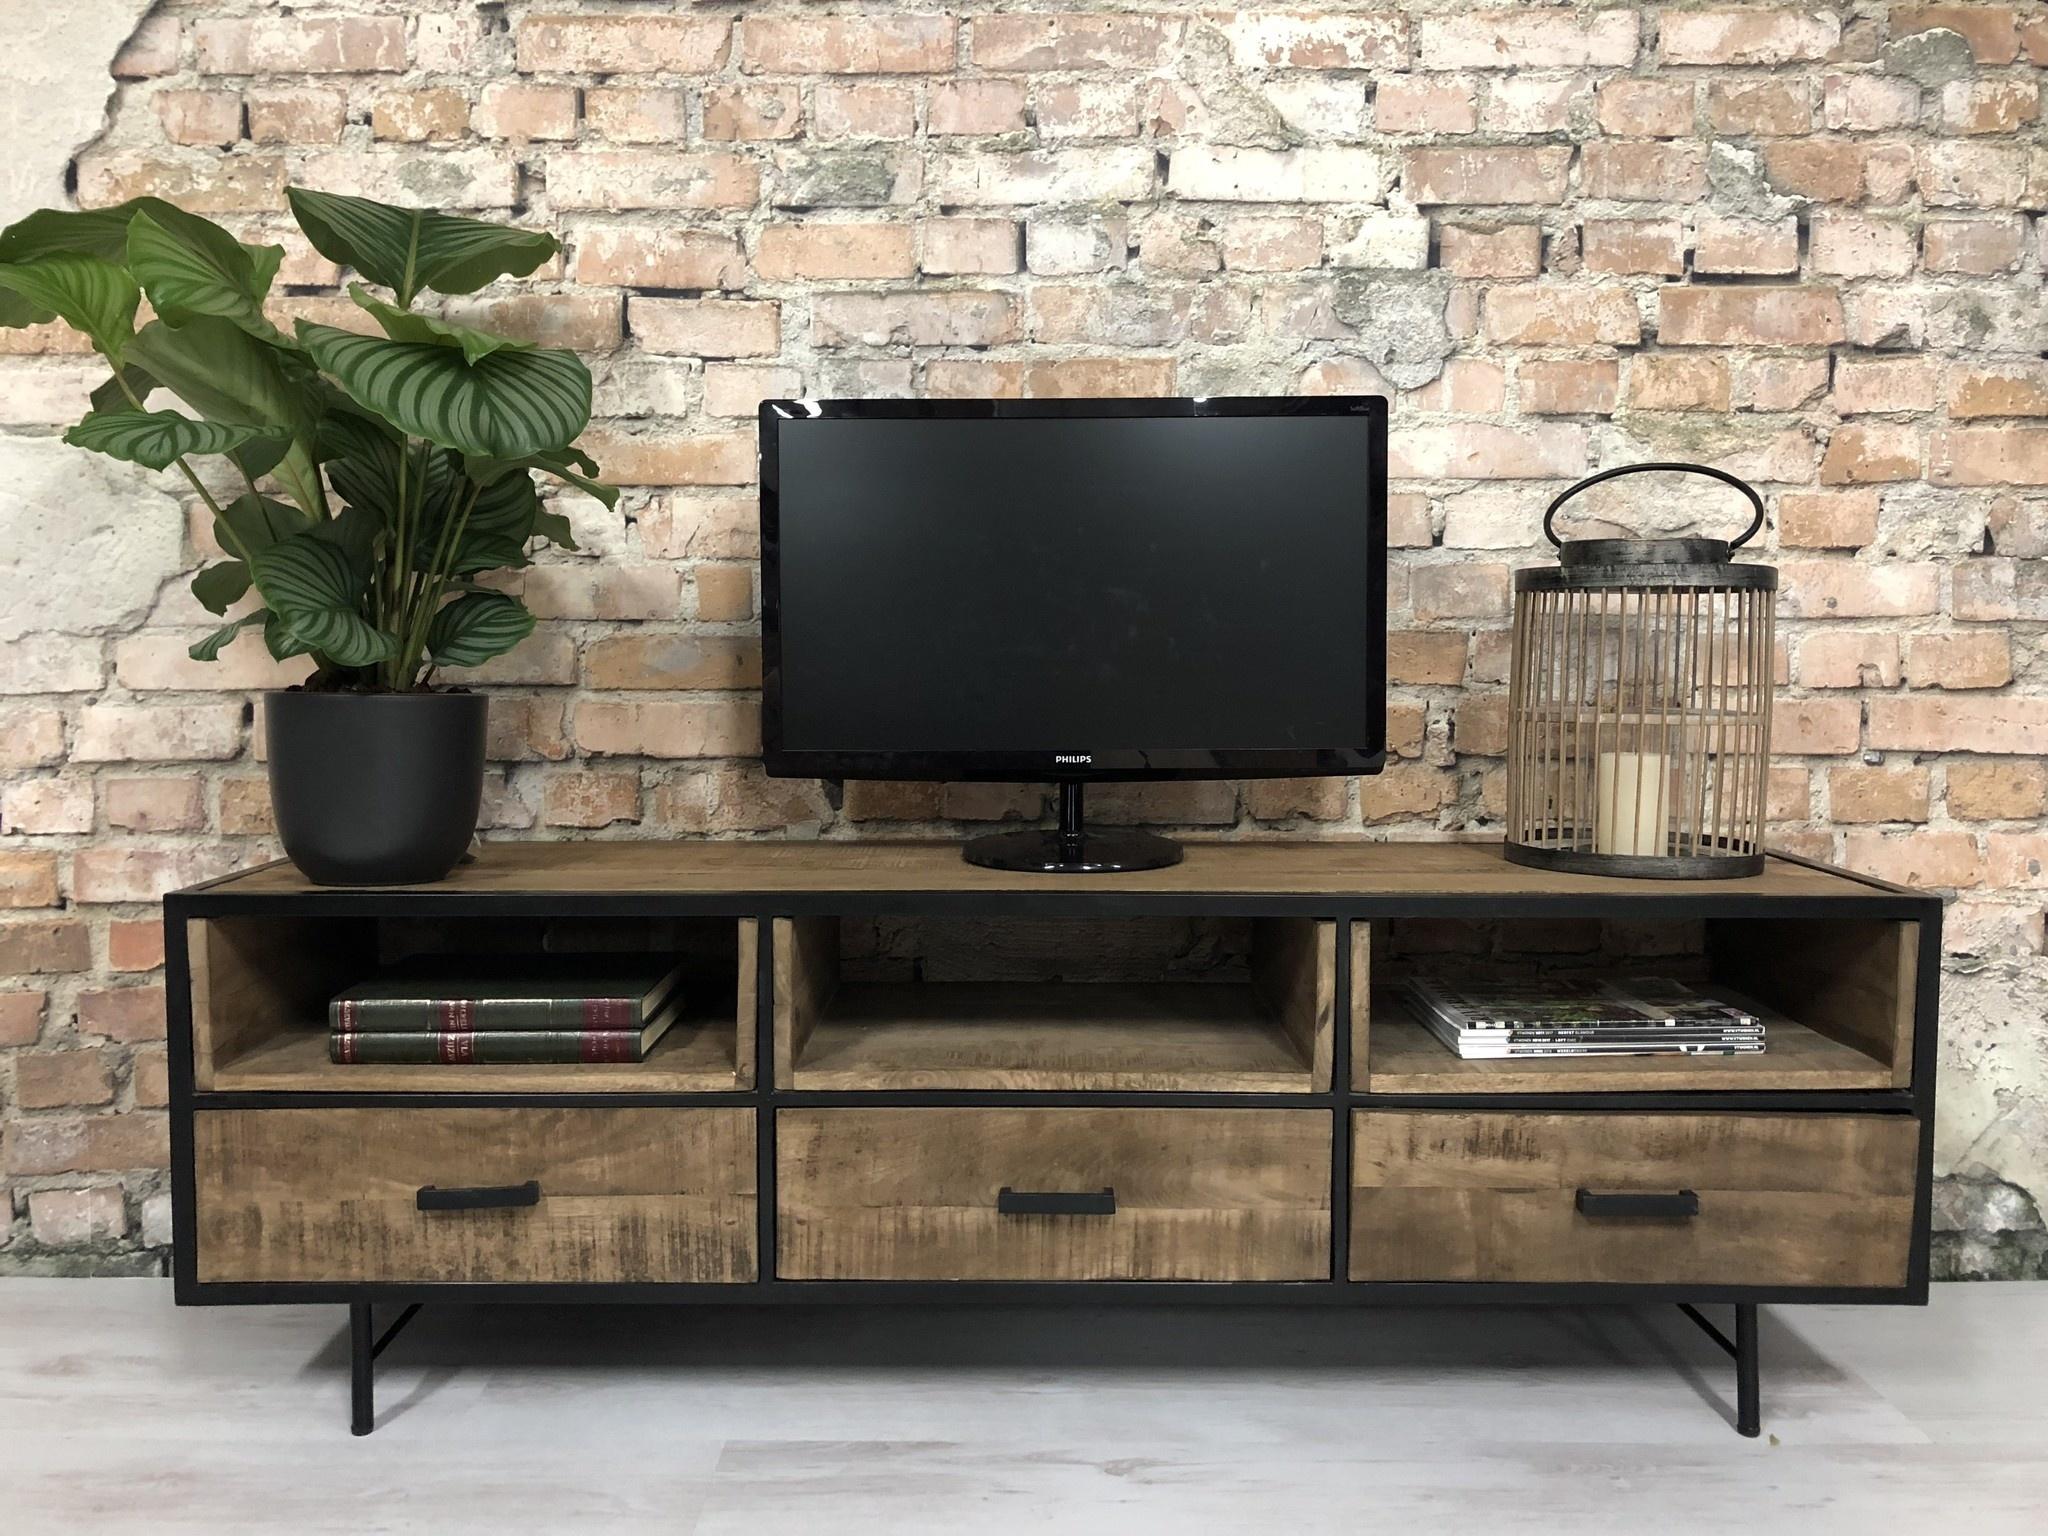 meuble tv industriel bois manguier i livraison retour gratuits